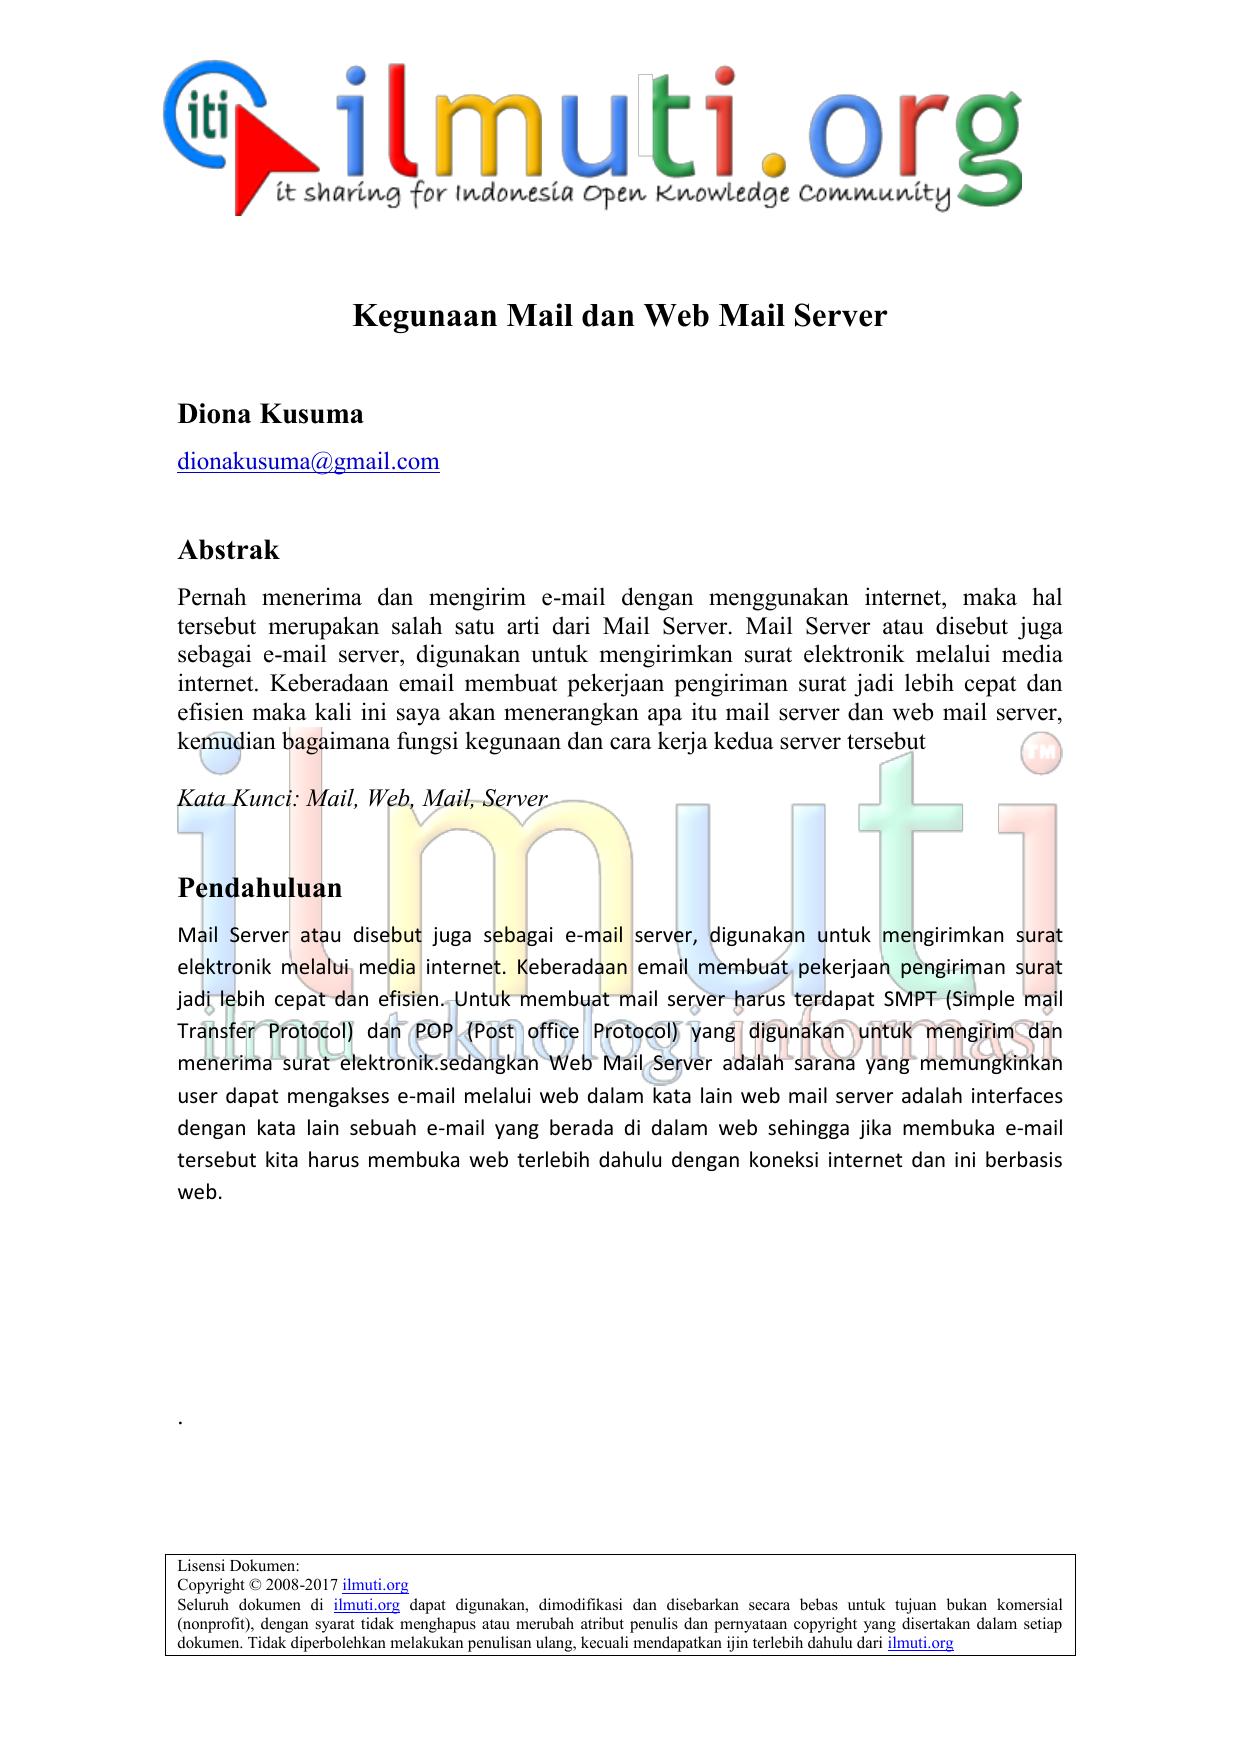 Kegunaan Mail Dan Web Mail Server